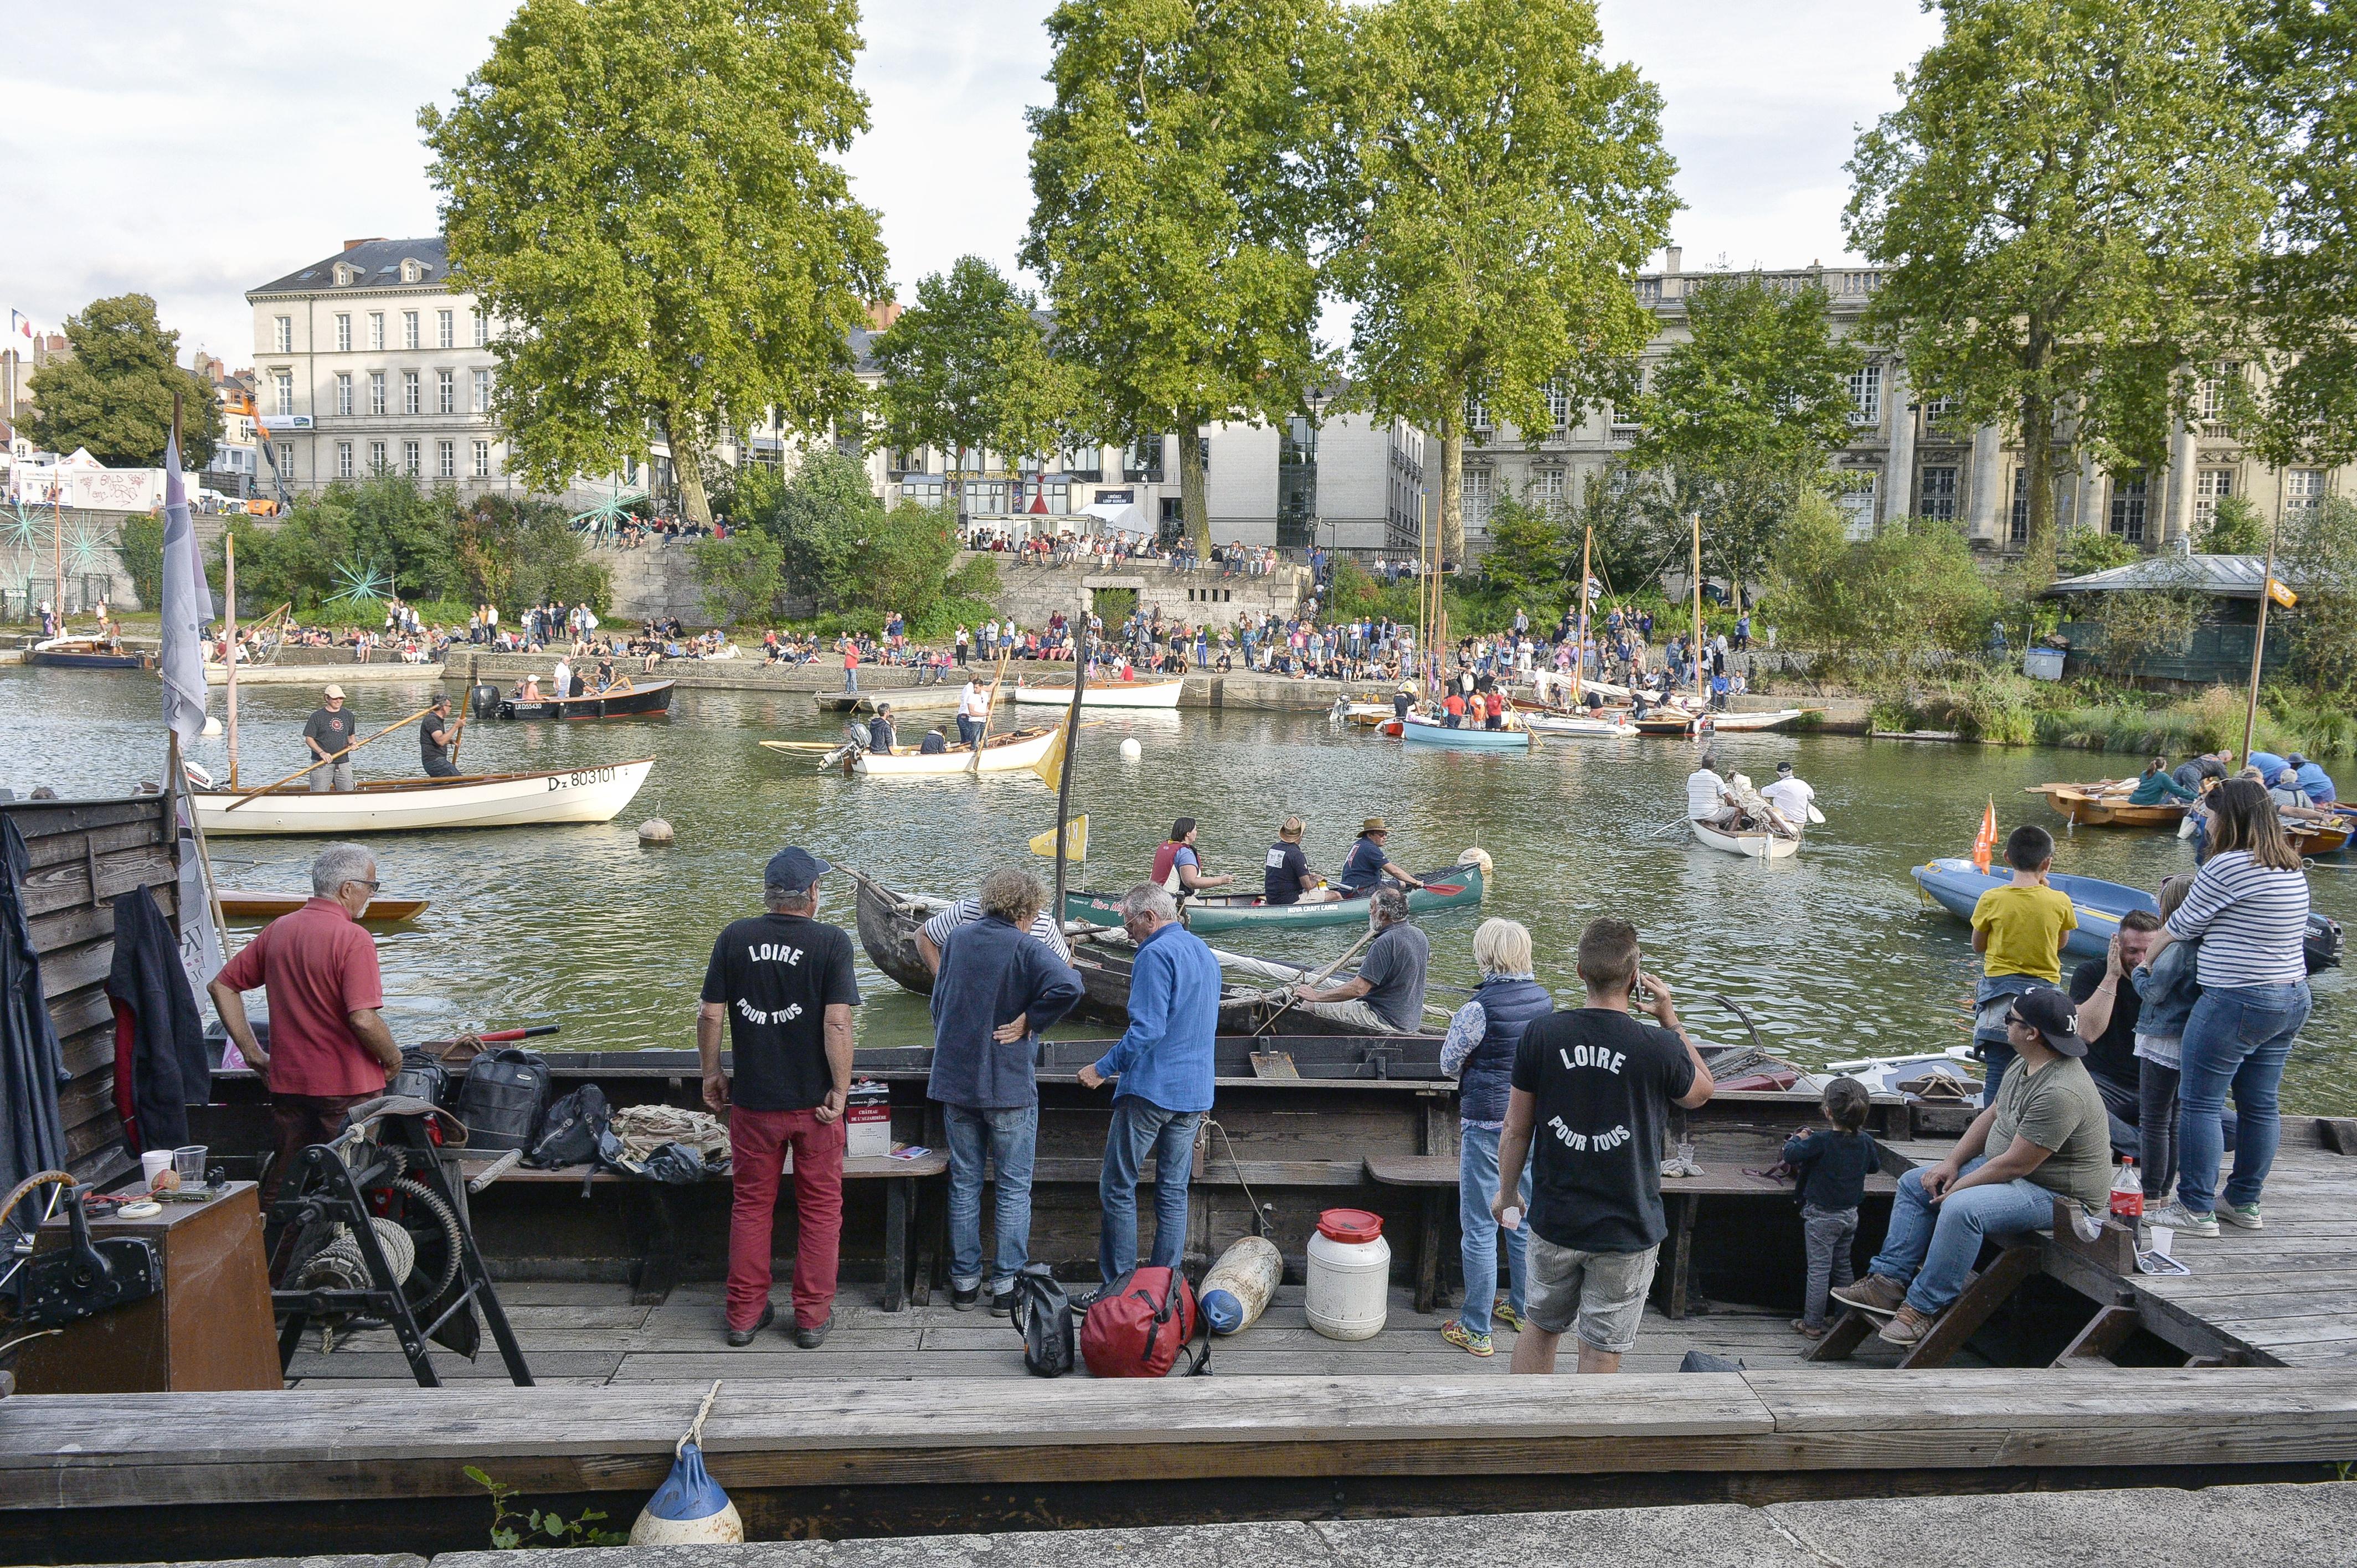 Les Rendez-vous de l'Erdre festival jazz musique et belle plaisance rivière la parade des bateaux et voiliers du patrimoine fluvial sur la rivière Association Loire pour tous culture patrimoine